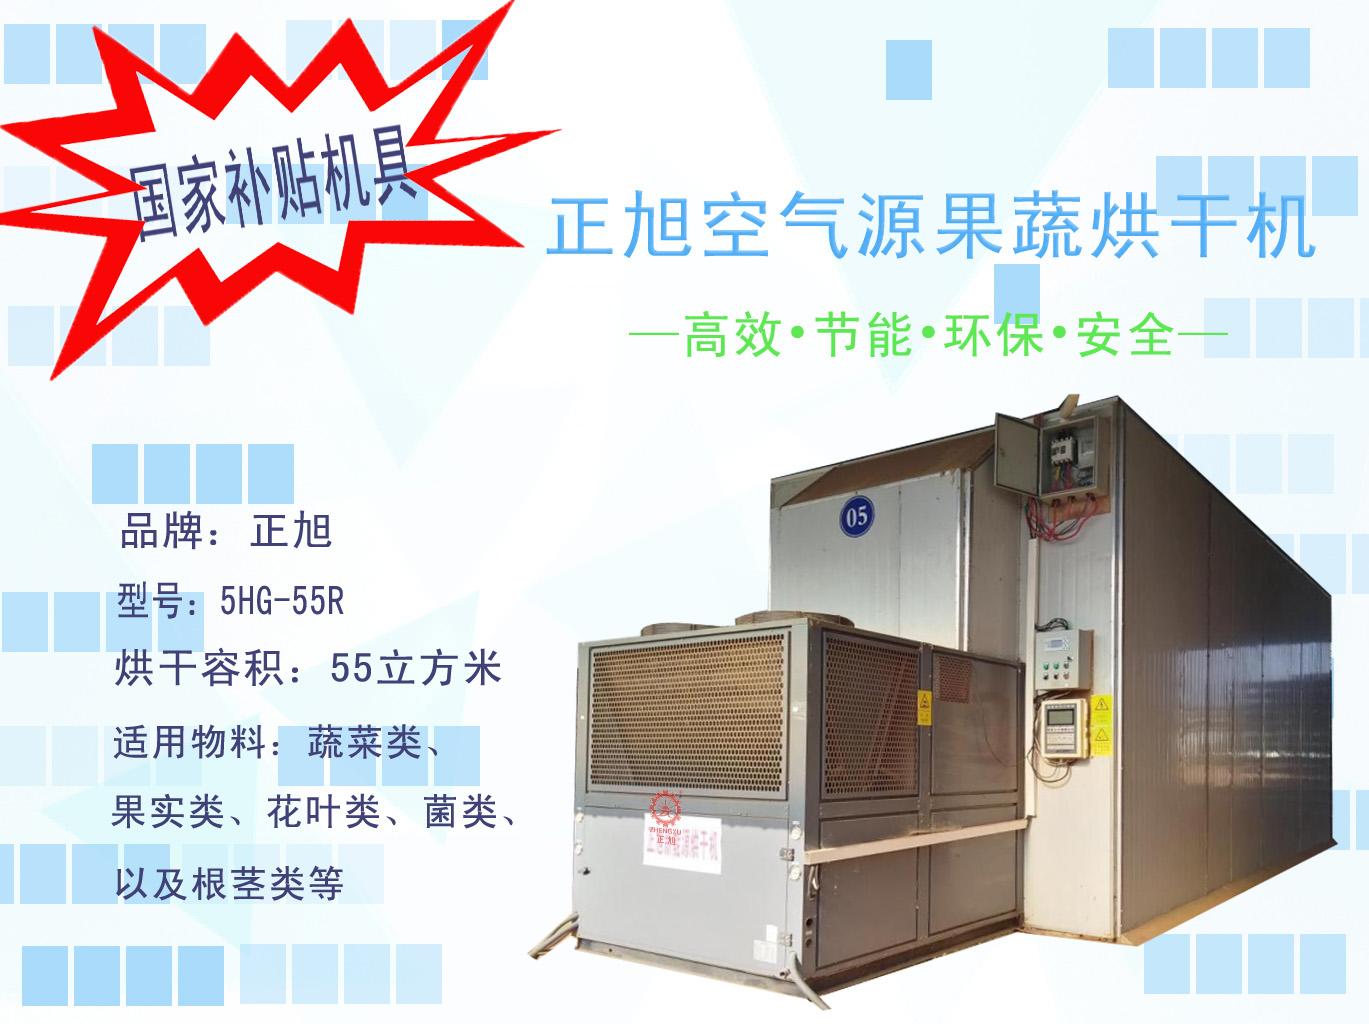 正旭5HG-55R果蔬烘干机已入全国农机补贴目录